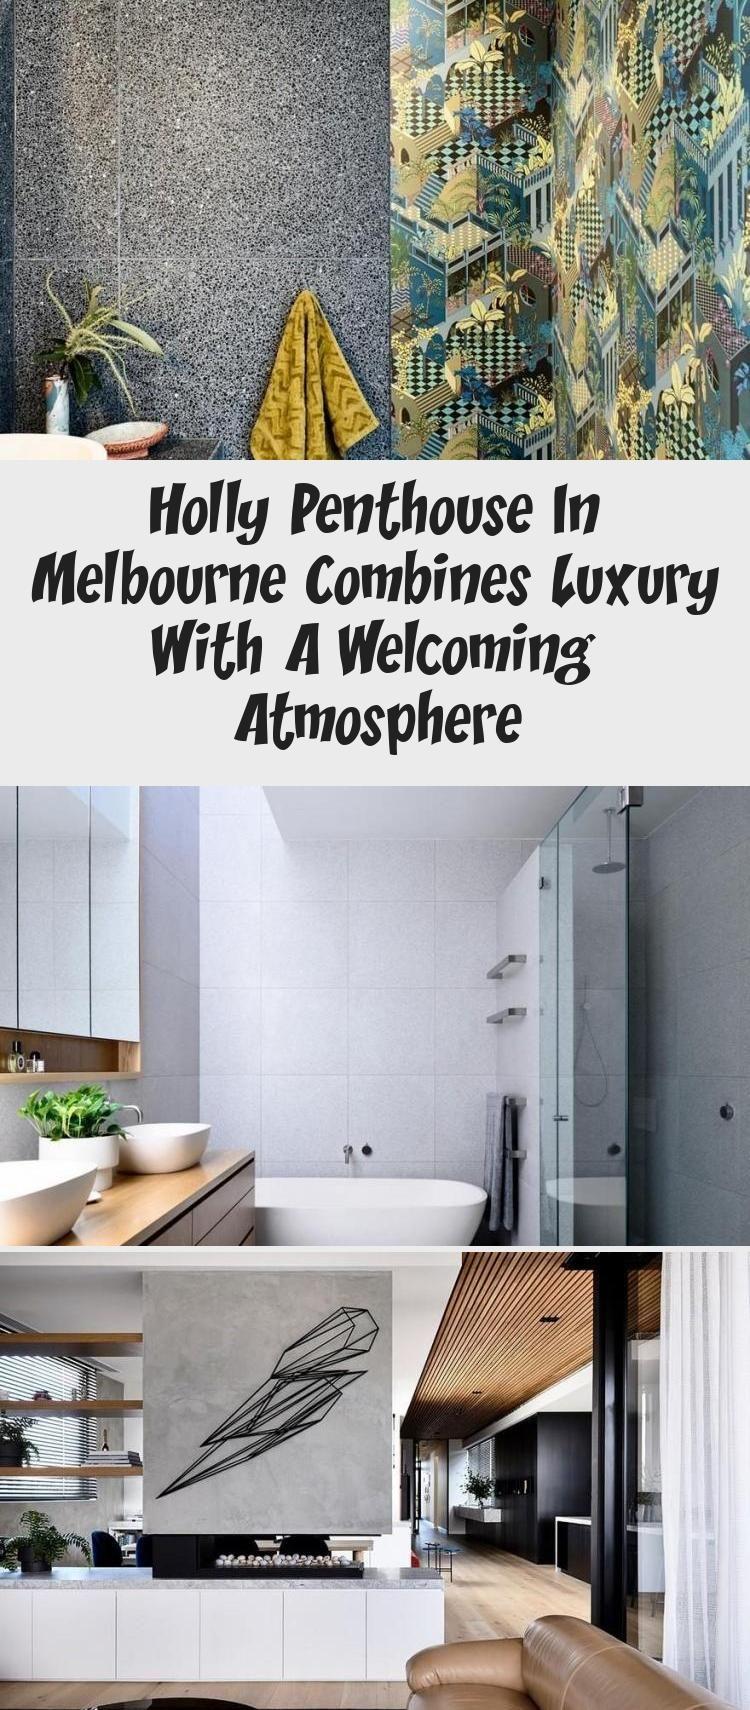 Холли Пентхаус в Мельбурне сочетает в себе роскошь и гостеприимную атмосферу #ModernInteriorDesignConcrete #ModernInteriorDesignLighting #ModernInteriorDesignChic #ElegantModernInteriorDesign #ModernInteriorDesignRed